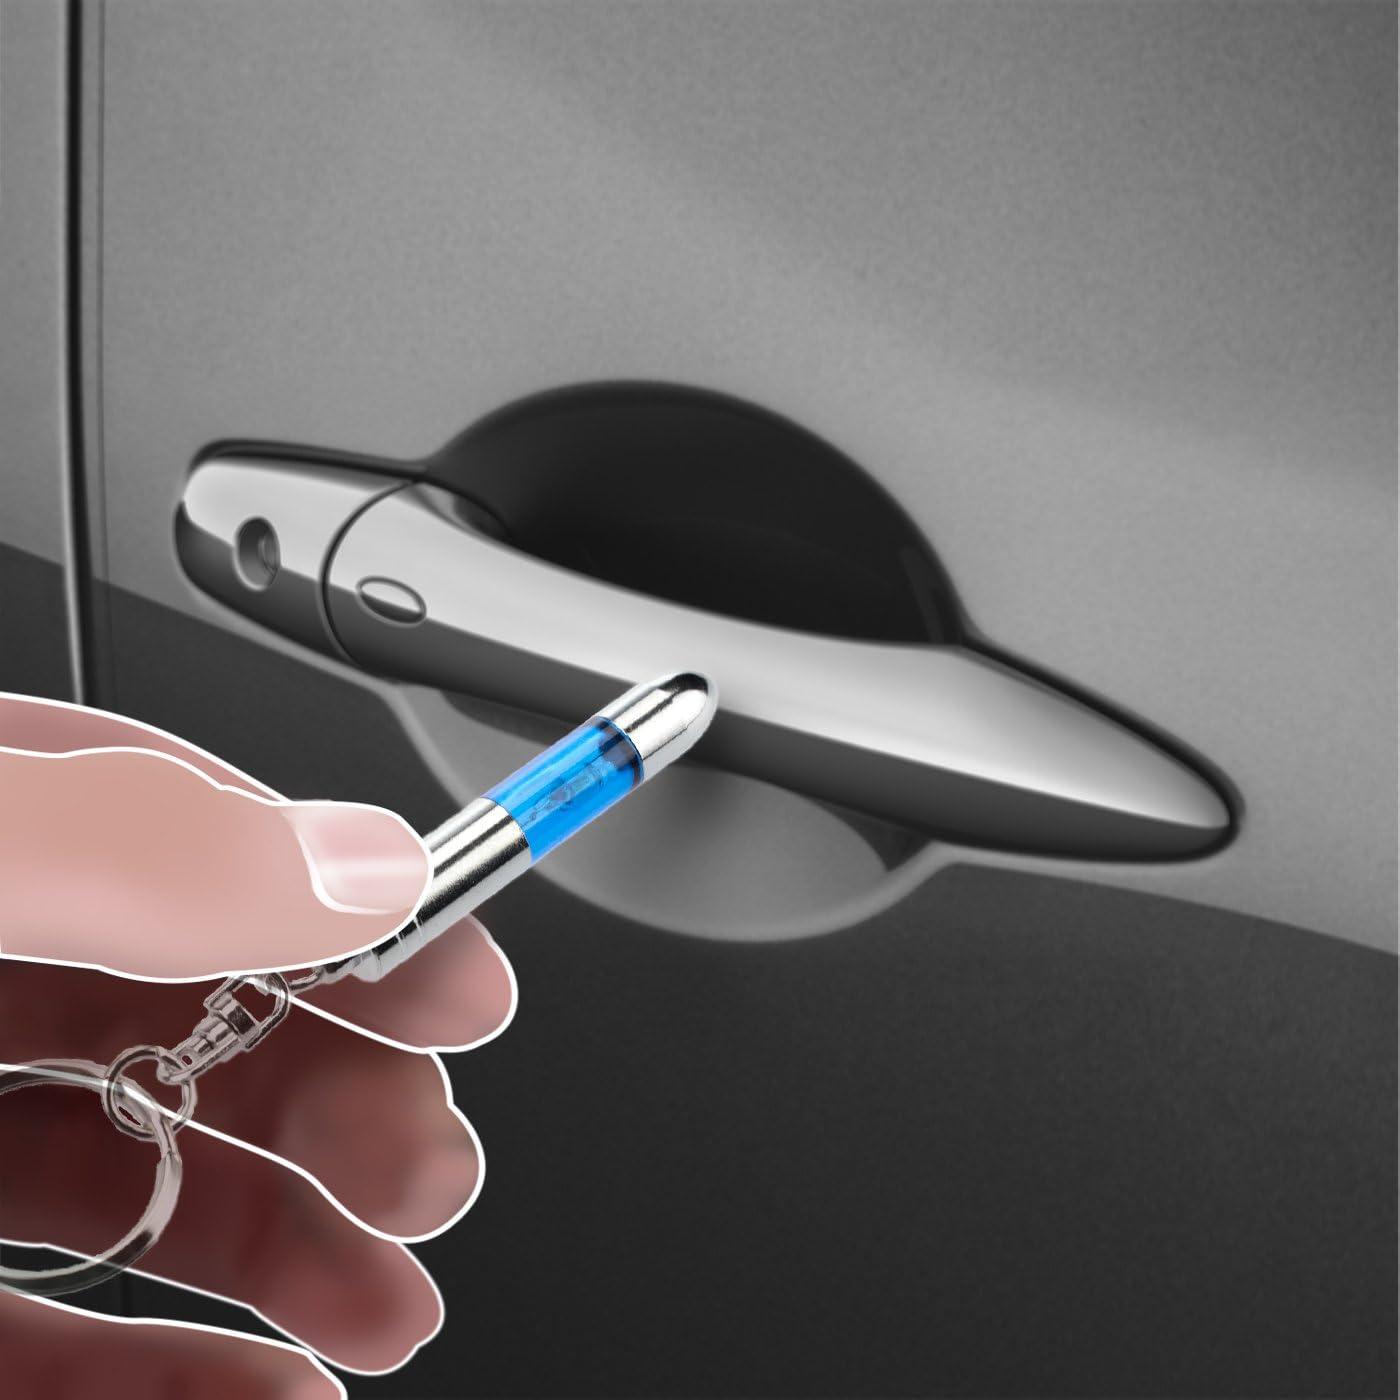 entlader Stick statique anti /électrique Pendentif jamais elektrisieren voiture Antistatik anti d/écharge /électrique Pendentif Porte-cl/és 1/Porte-cl/és antistatique tension entlader